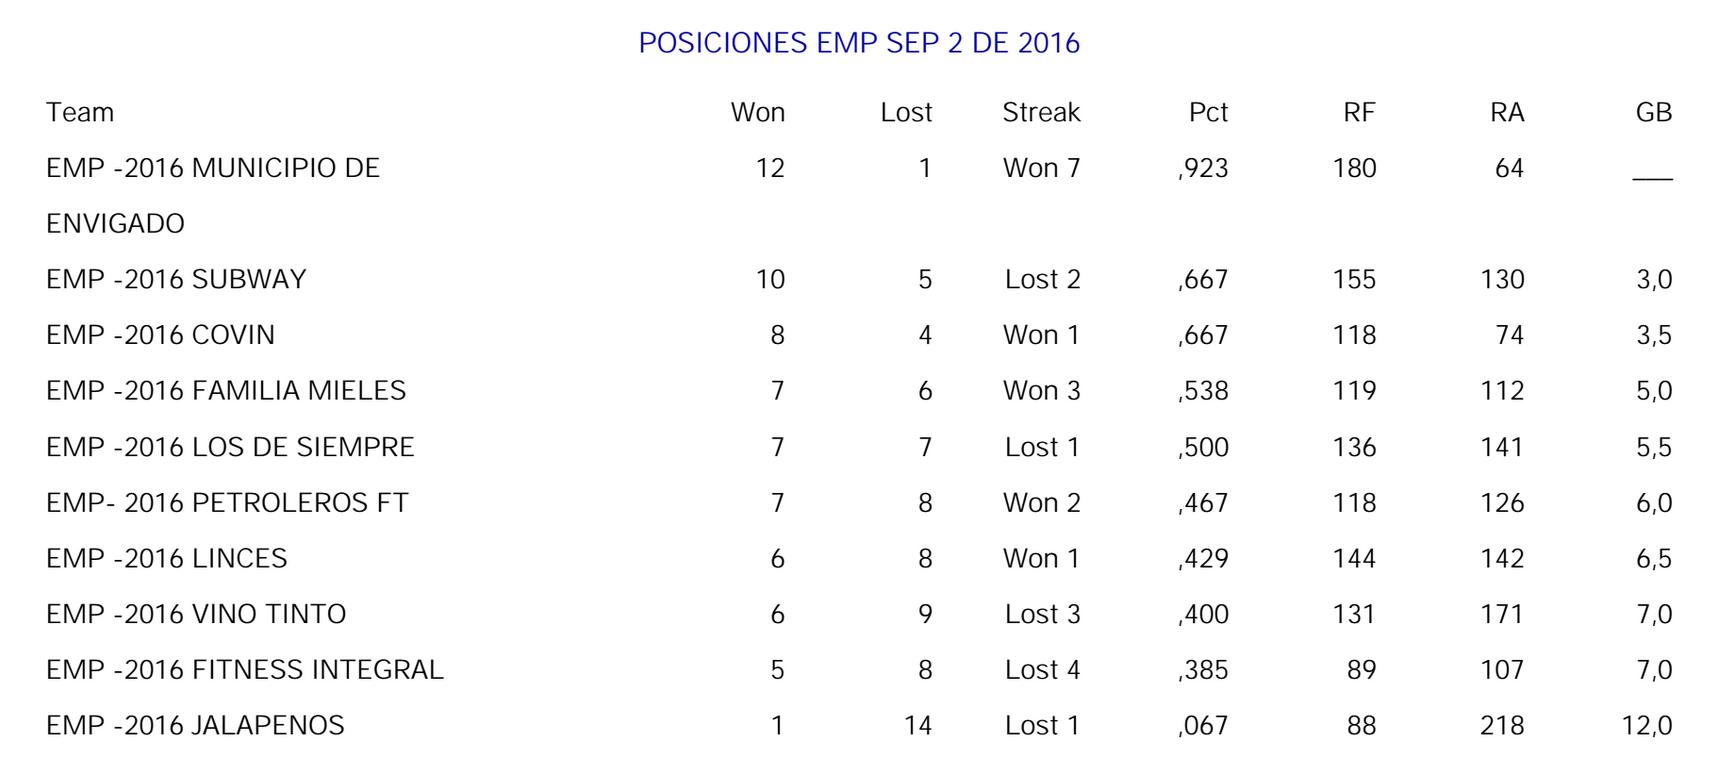 posiciones-empresarial-septiembre-02-2016